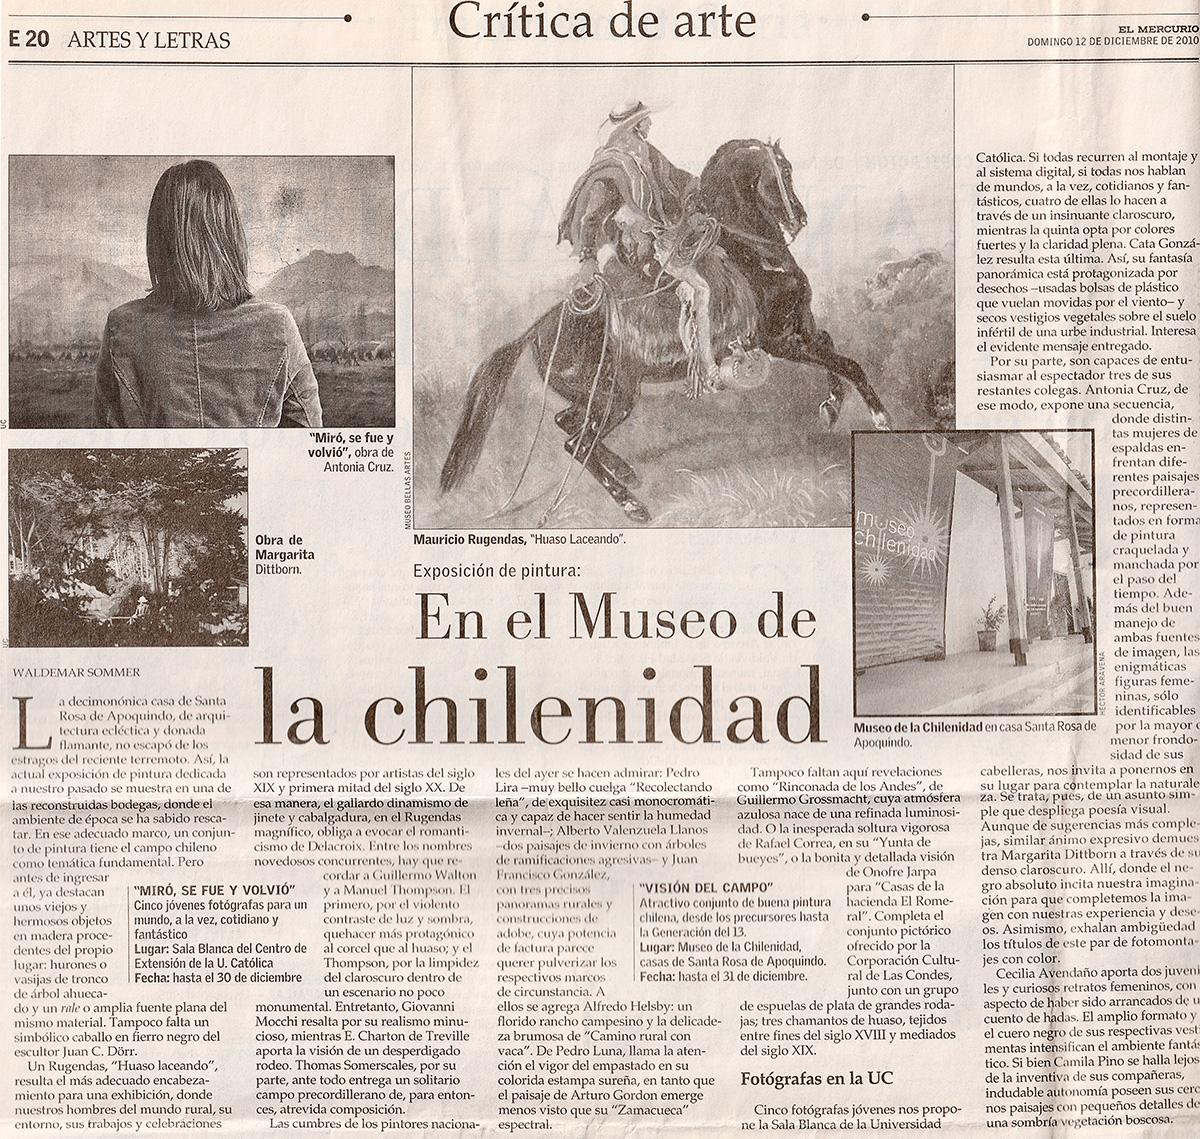 Exposición Miró,se fue y volvió, El Mercurio, Cultura, Artes y Letras